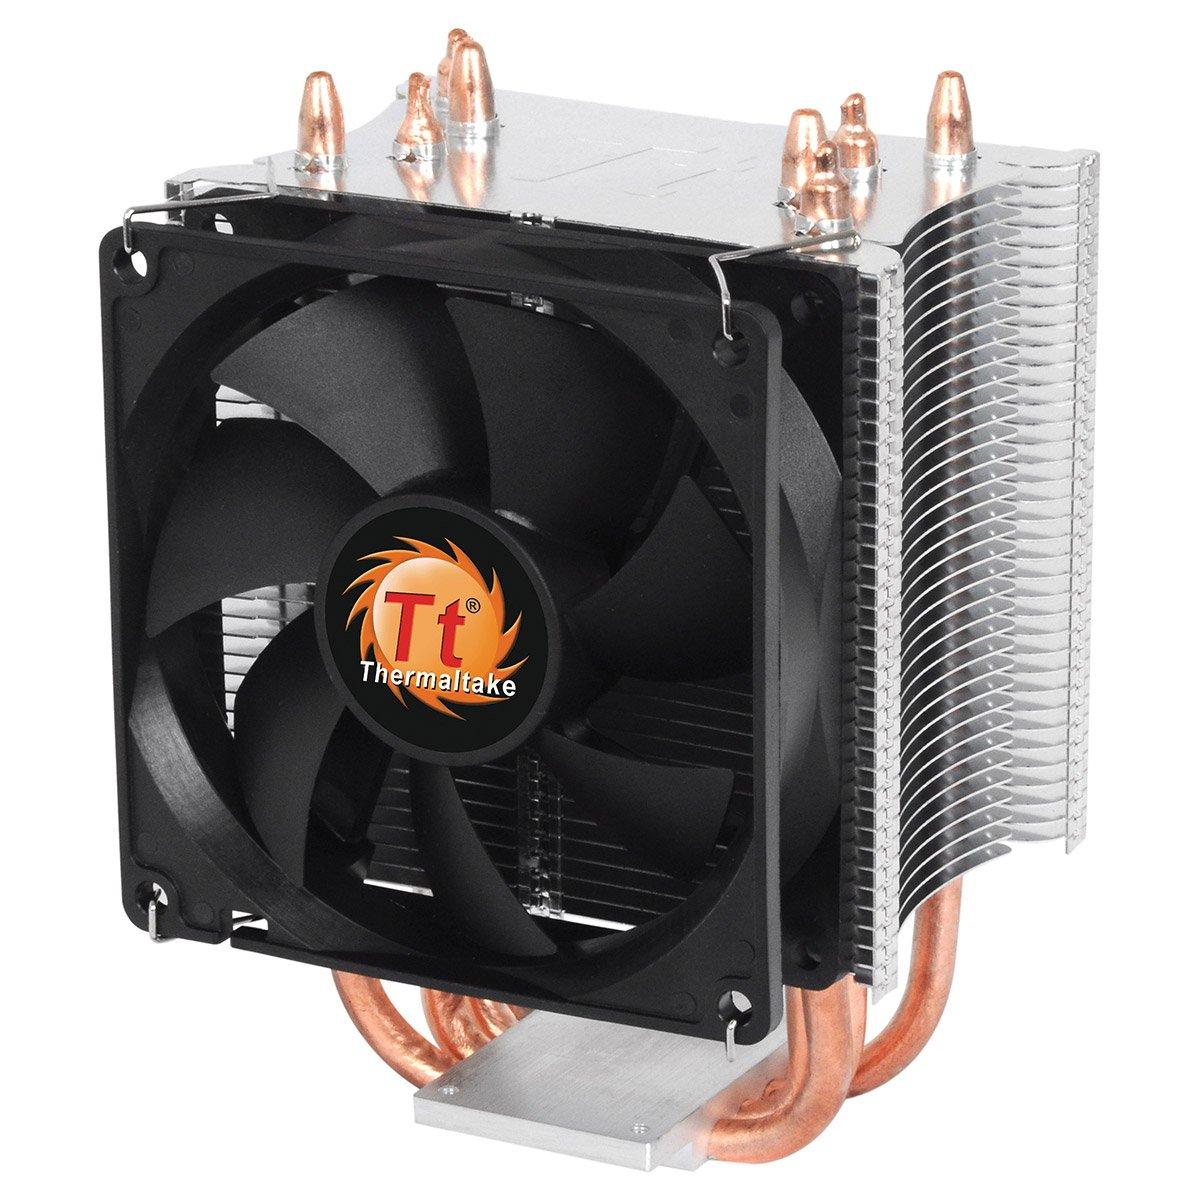 Thermaltake Contact 16 Ventola per CPU Nero